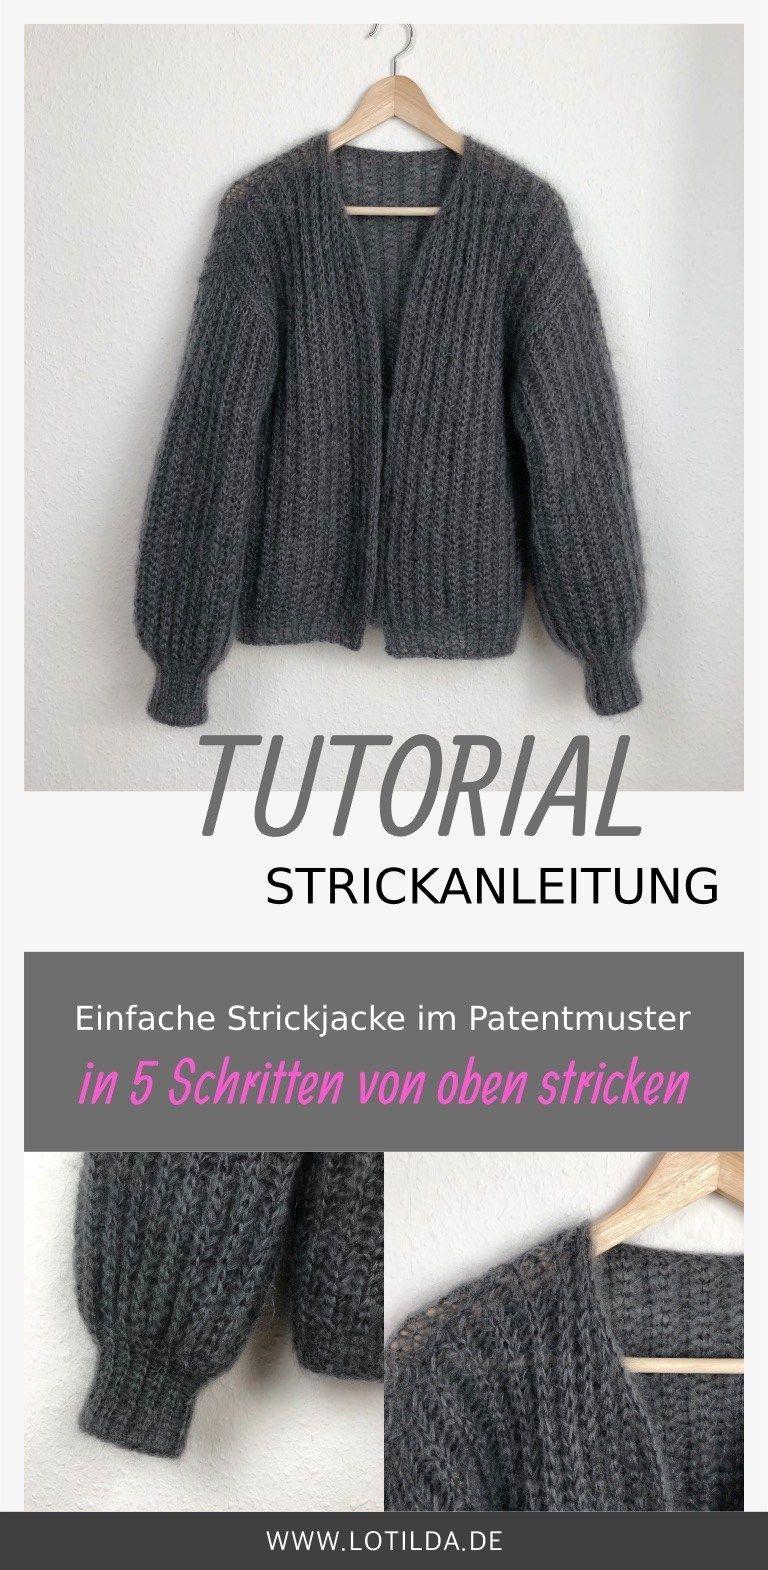 Tutorial - Strickanleitung - Einfache Strickjacke im Patentmuster von oben stricken #babyponcho